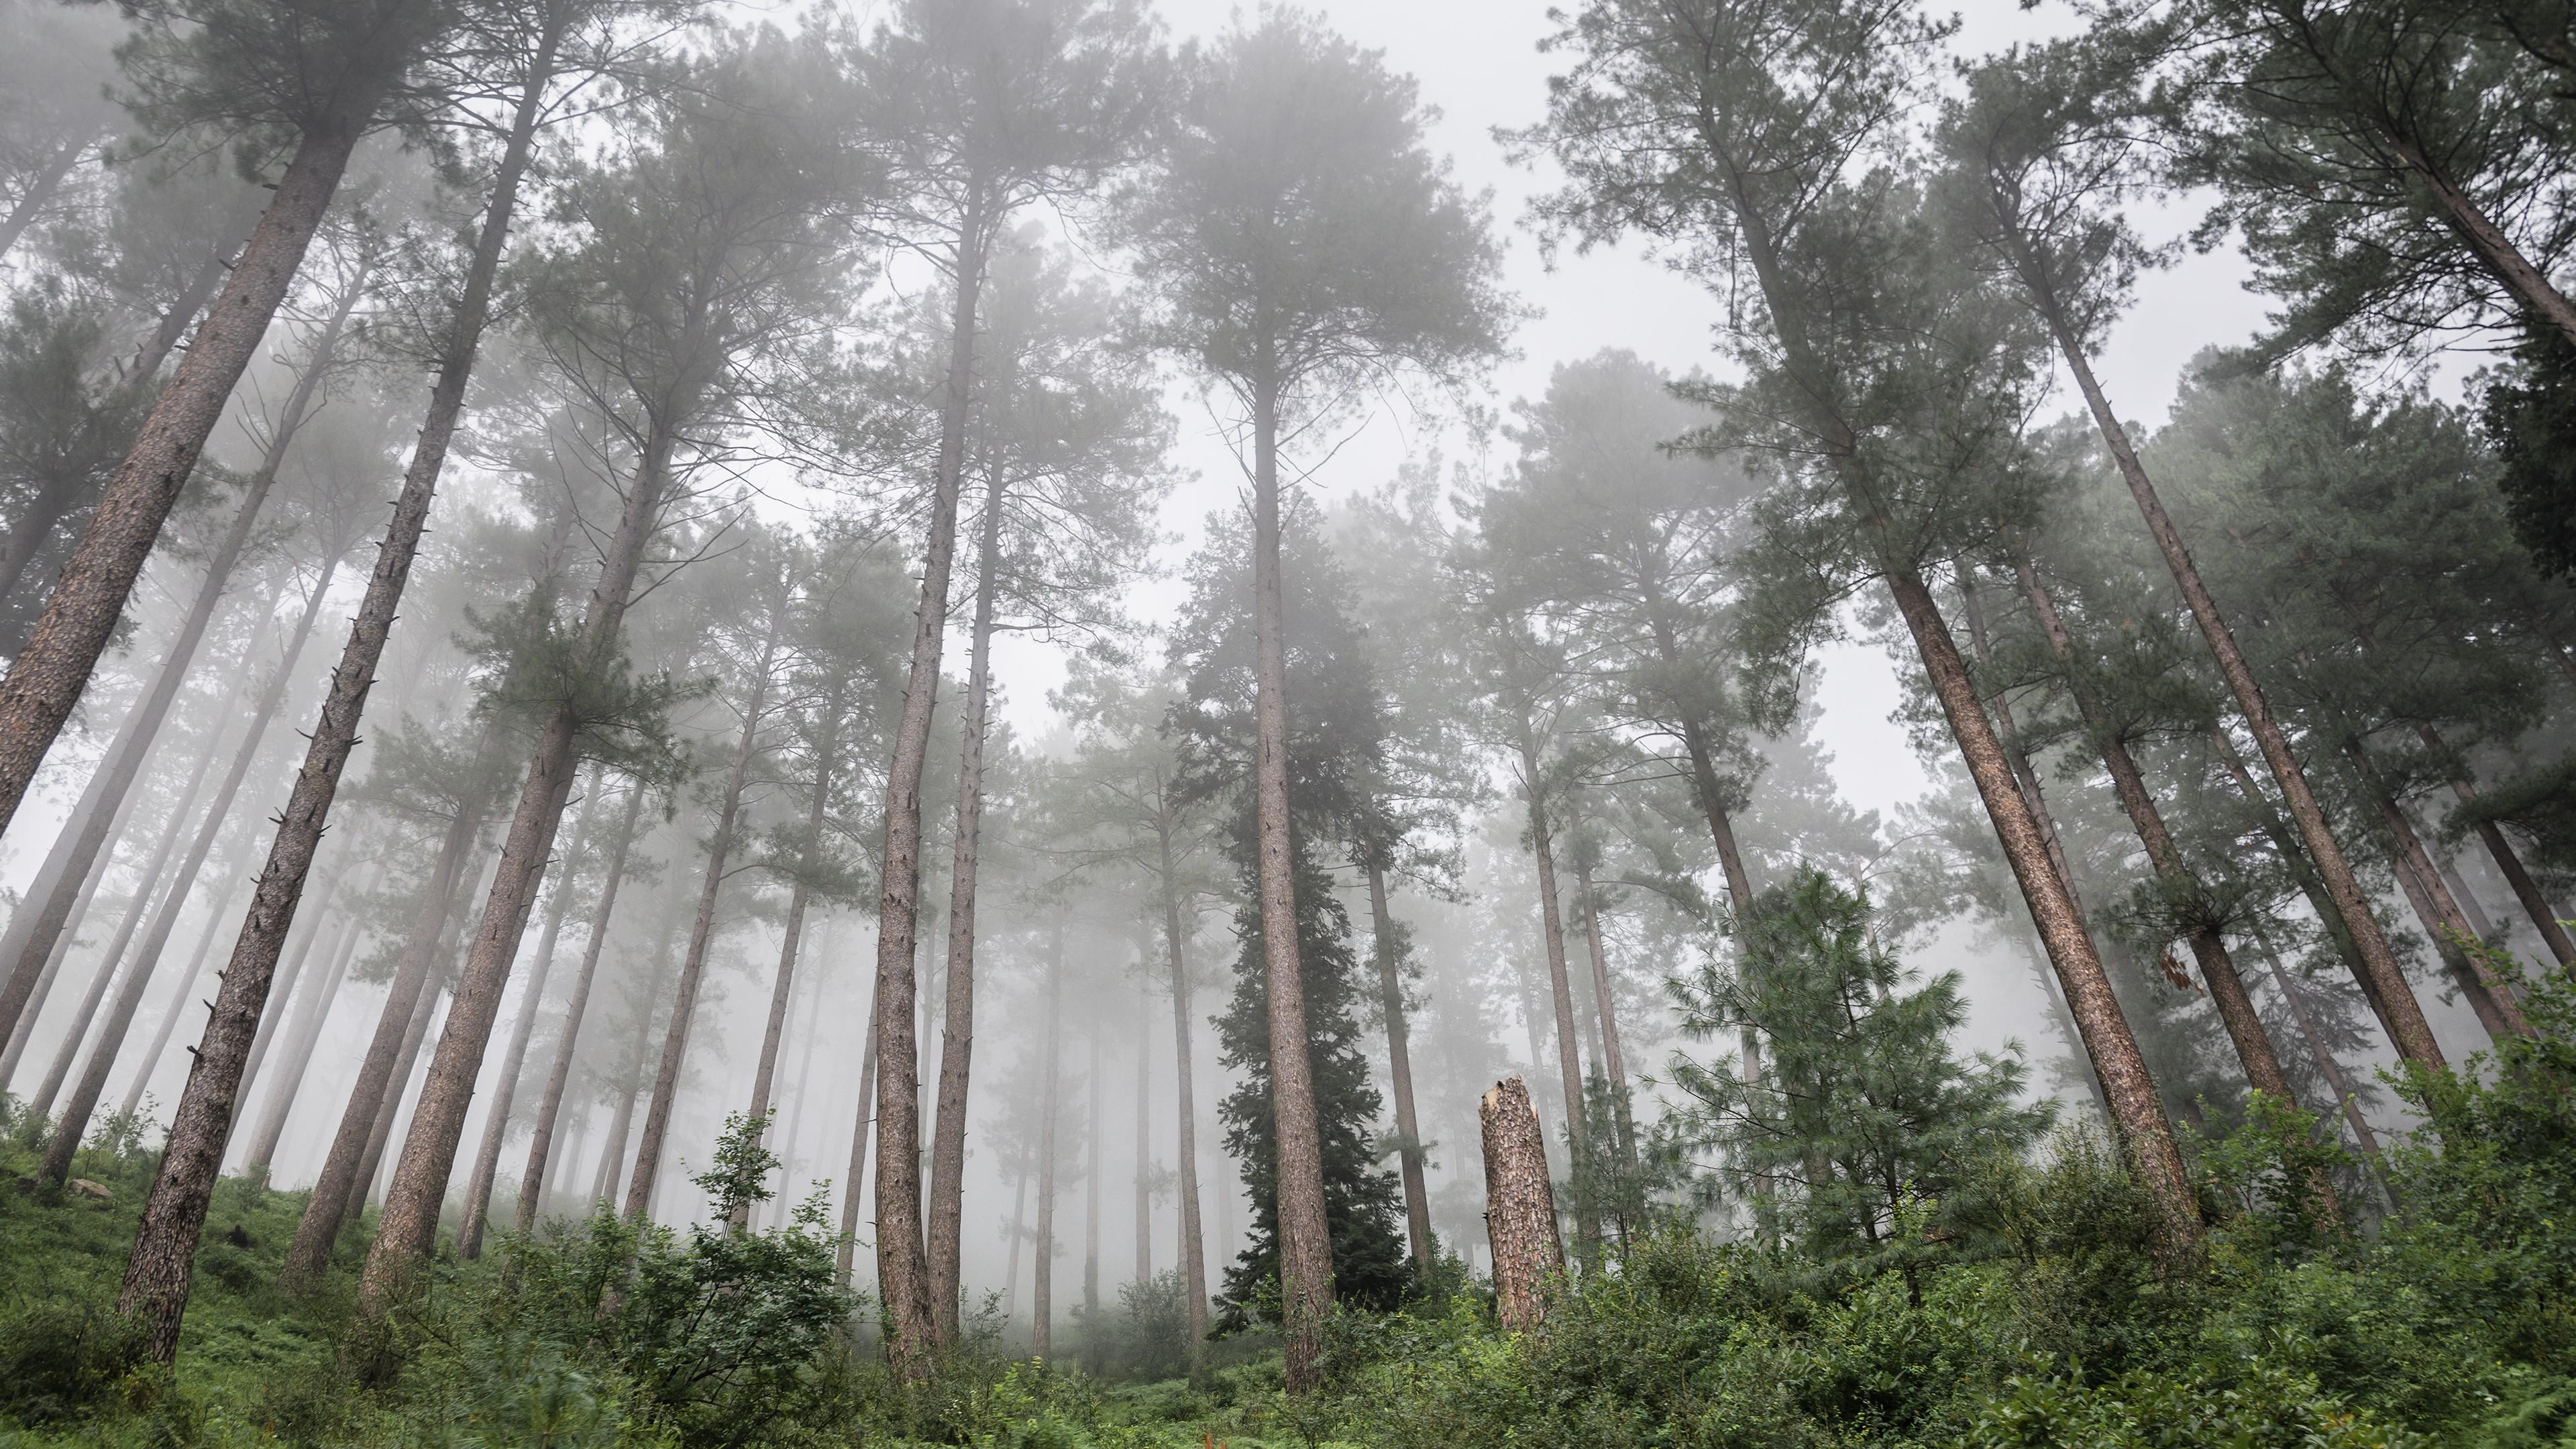 Misty forest in Pakistan ☁️☁️ wallpaper